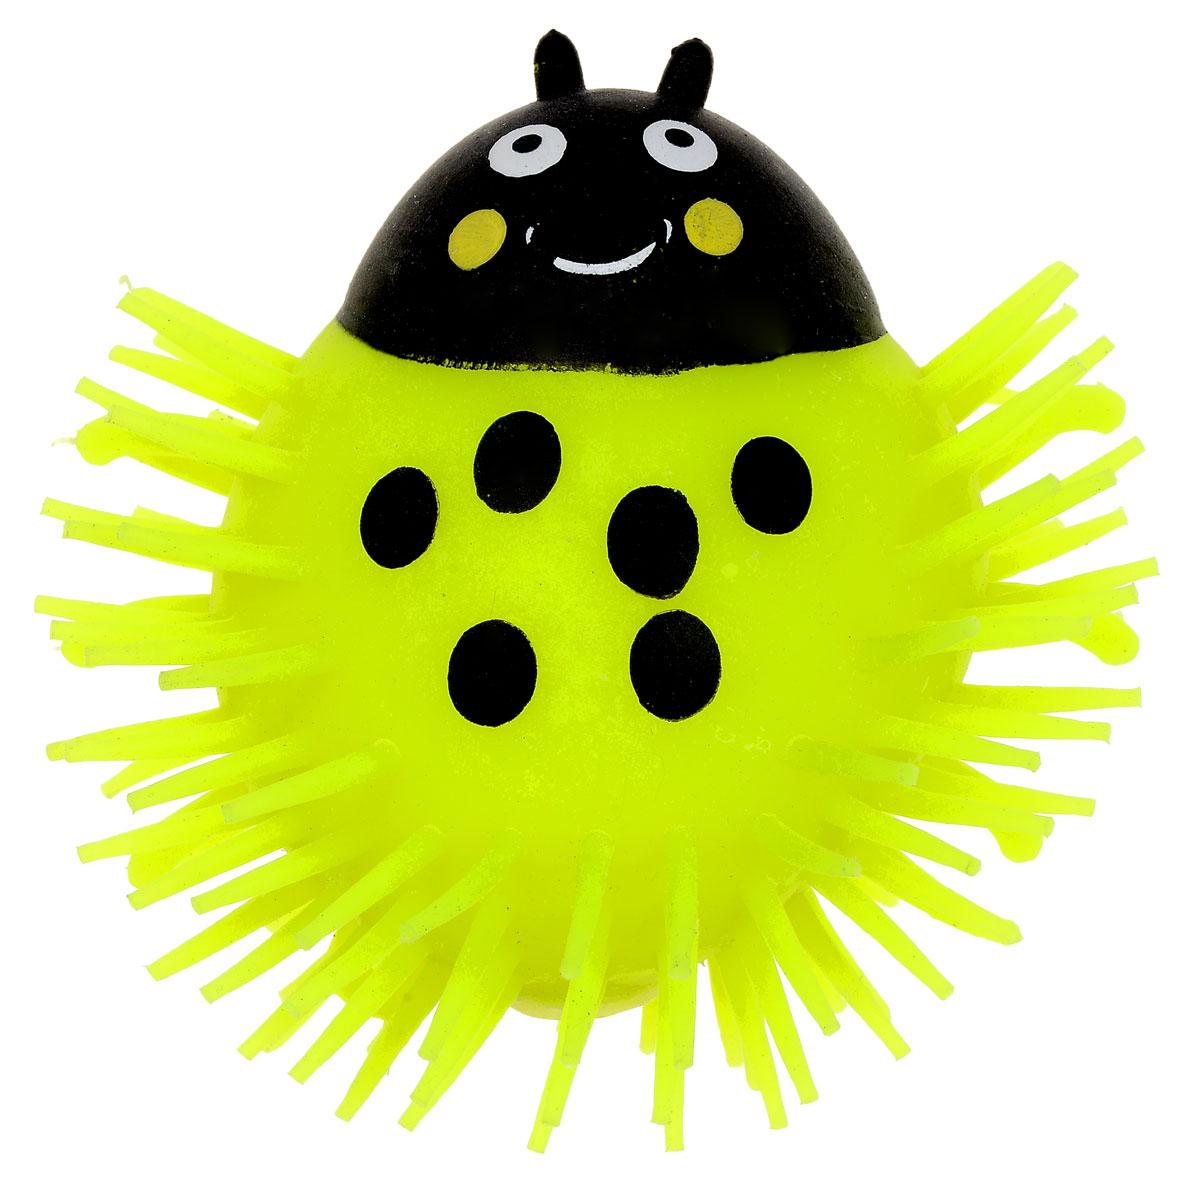 1TOY Игрушка-антистресс Ё-Ёжик Жук цвет желтый 1toy игрушка антистресс ё ёжик животное цвет розовый